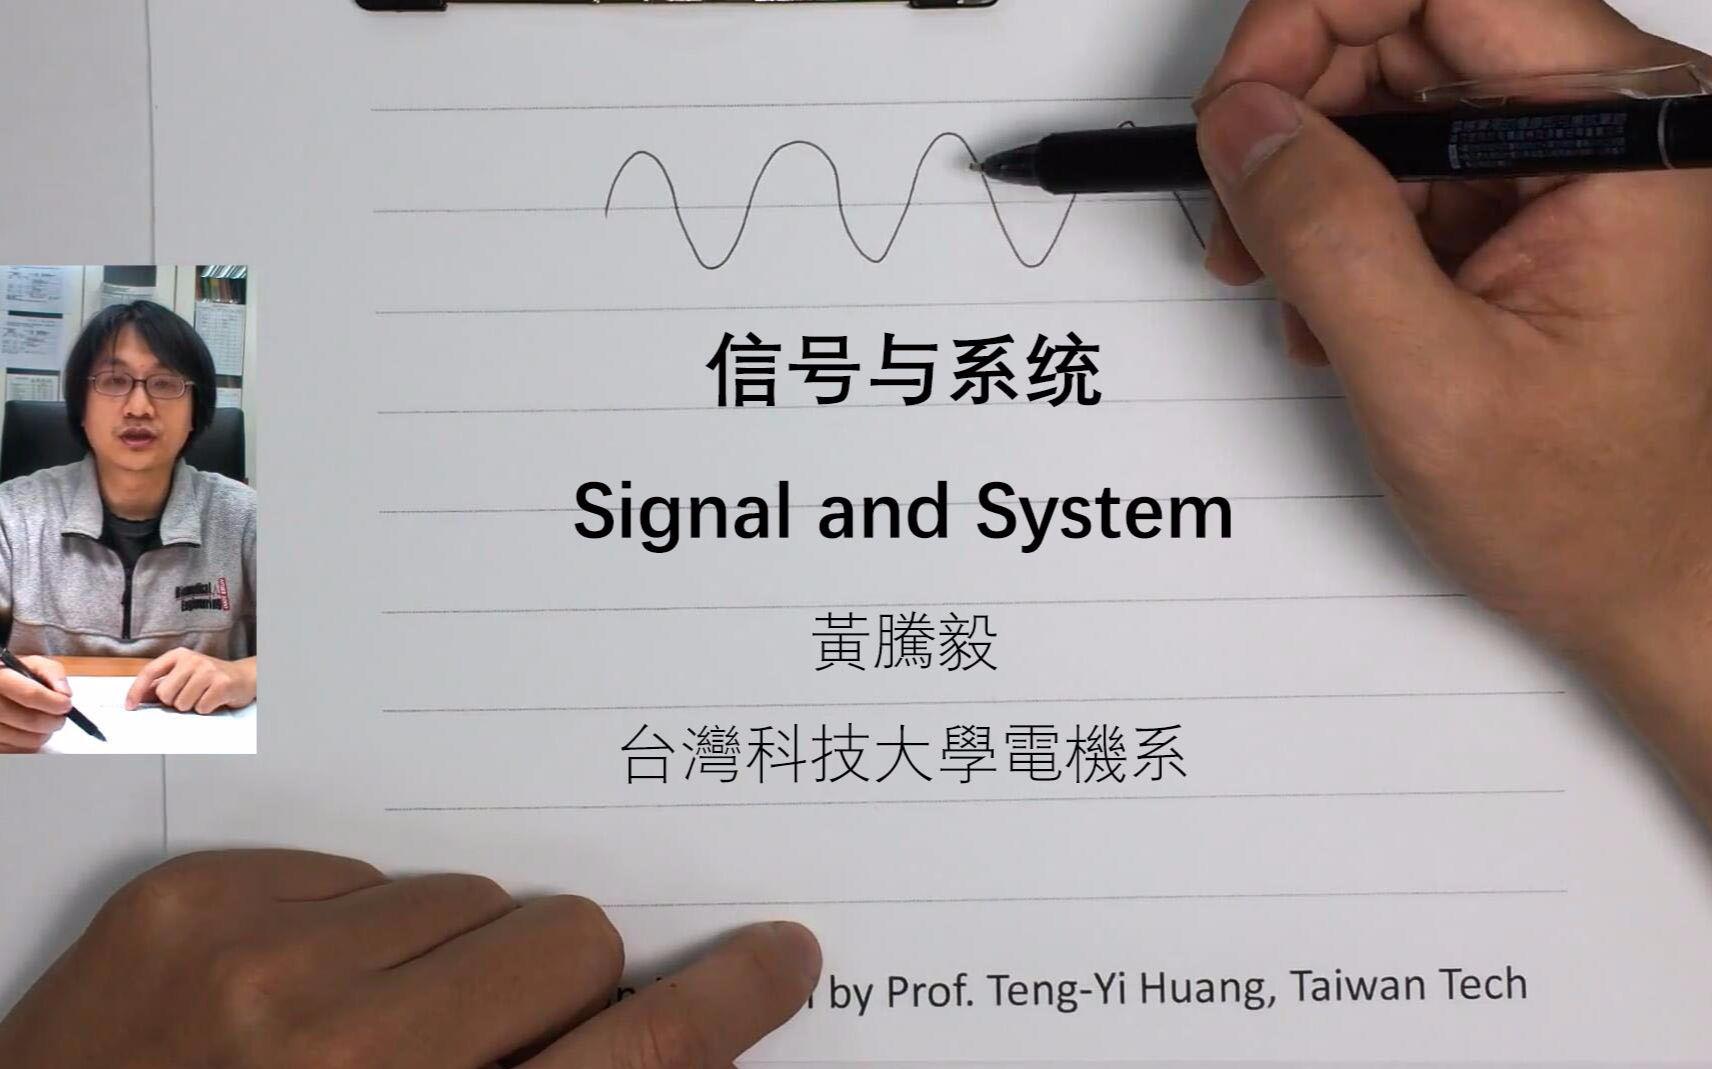 【臺科大】 信號與系統 Signal and System 黃騰毅 (21P)_演講•公開課_科技_bilibili_嗶哩嗶哩